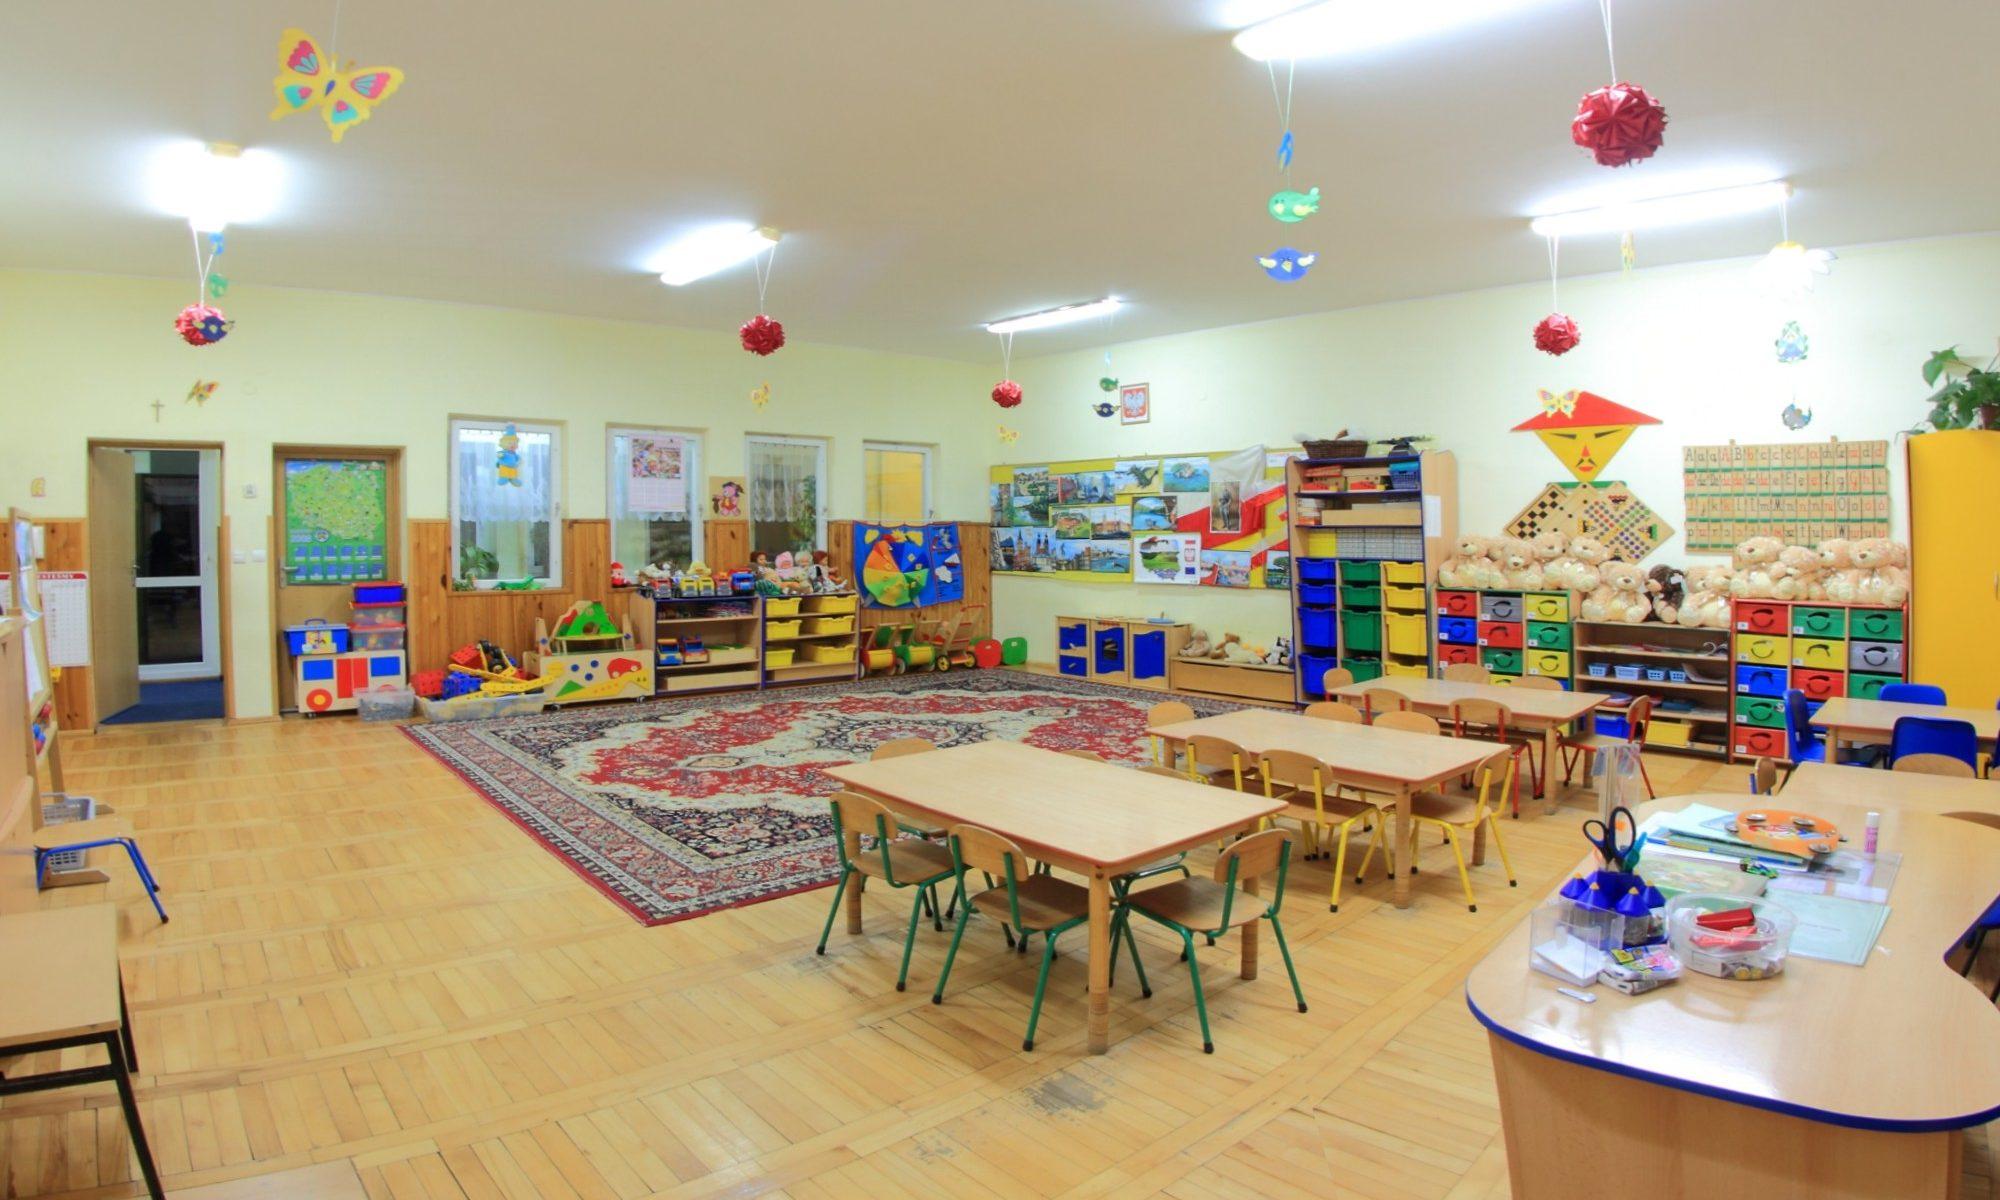 3 miliony na przedszkole w mieście - Zdjęcie główne